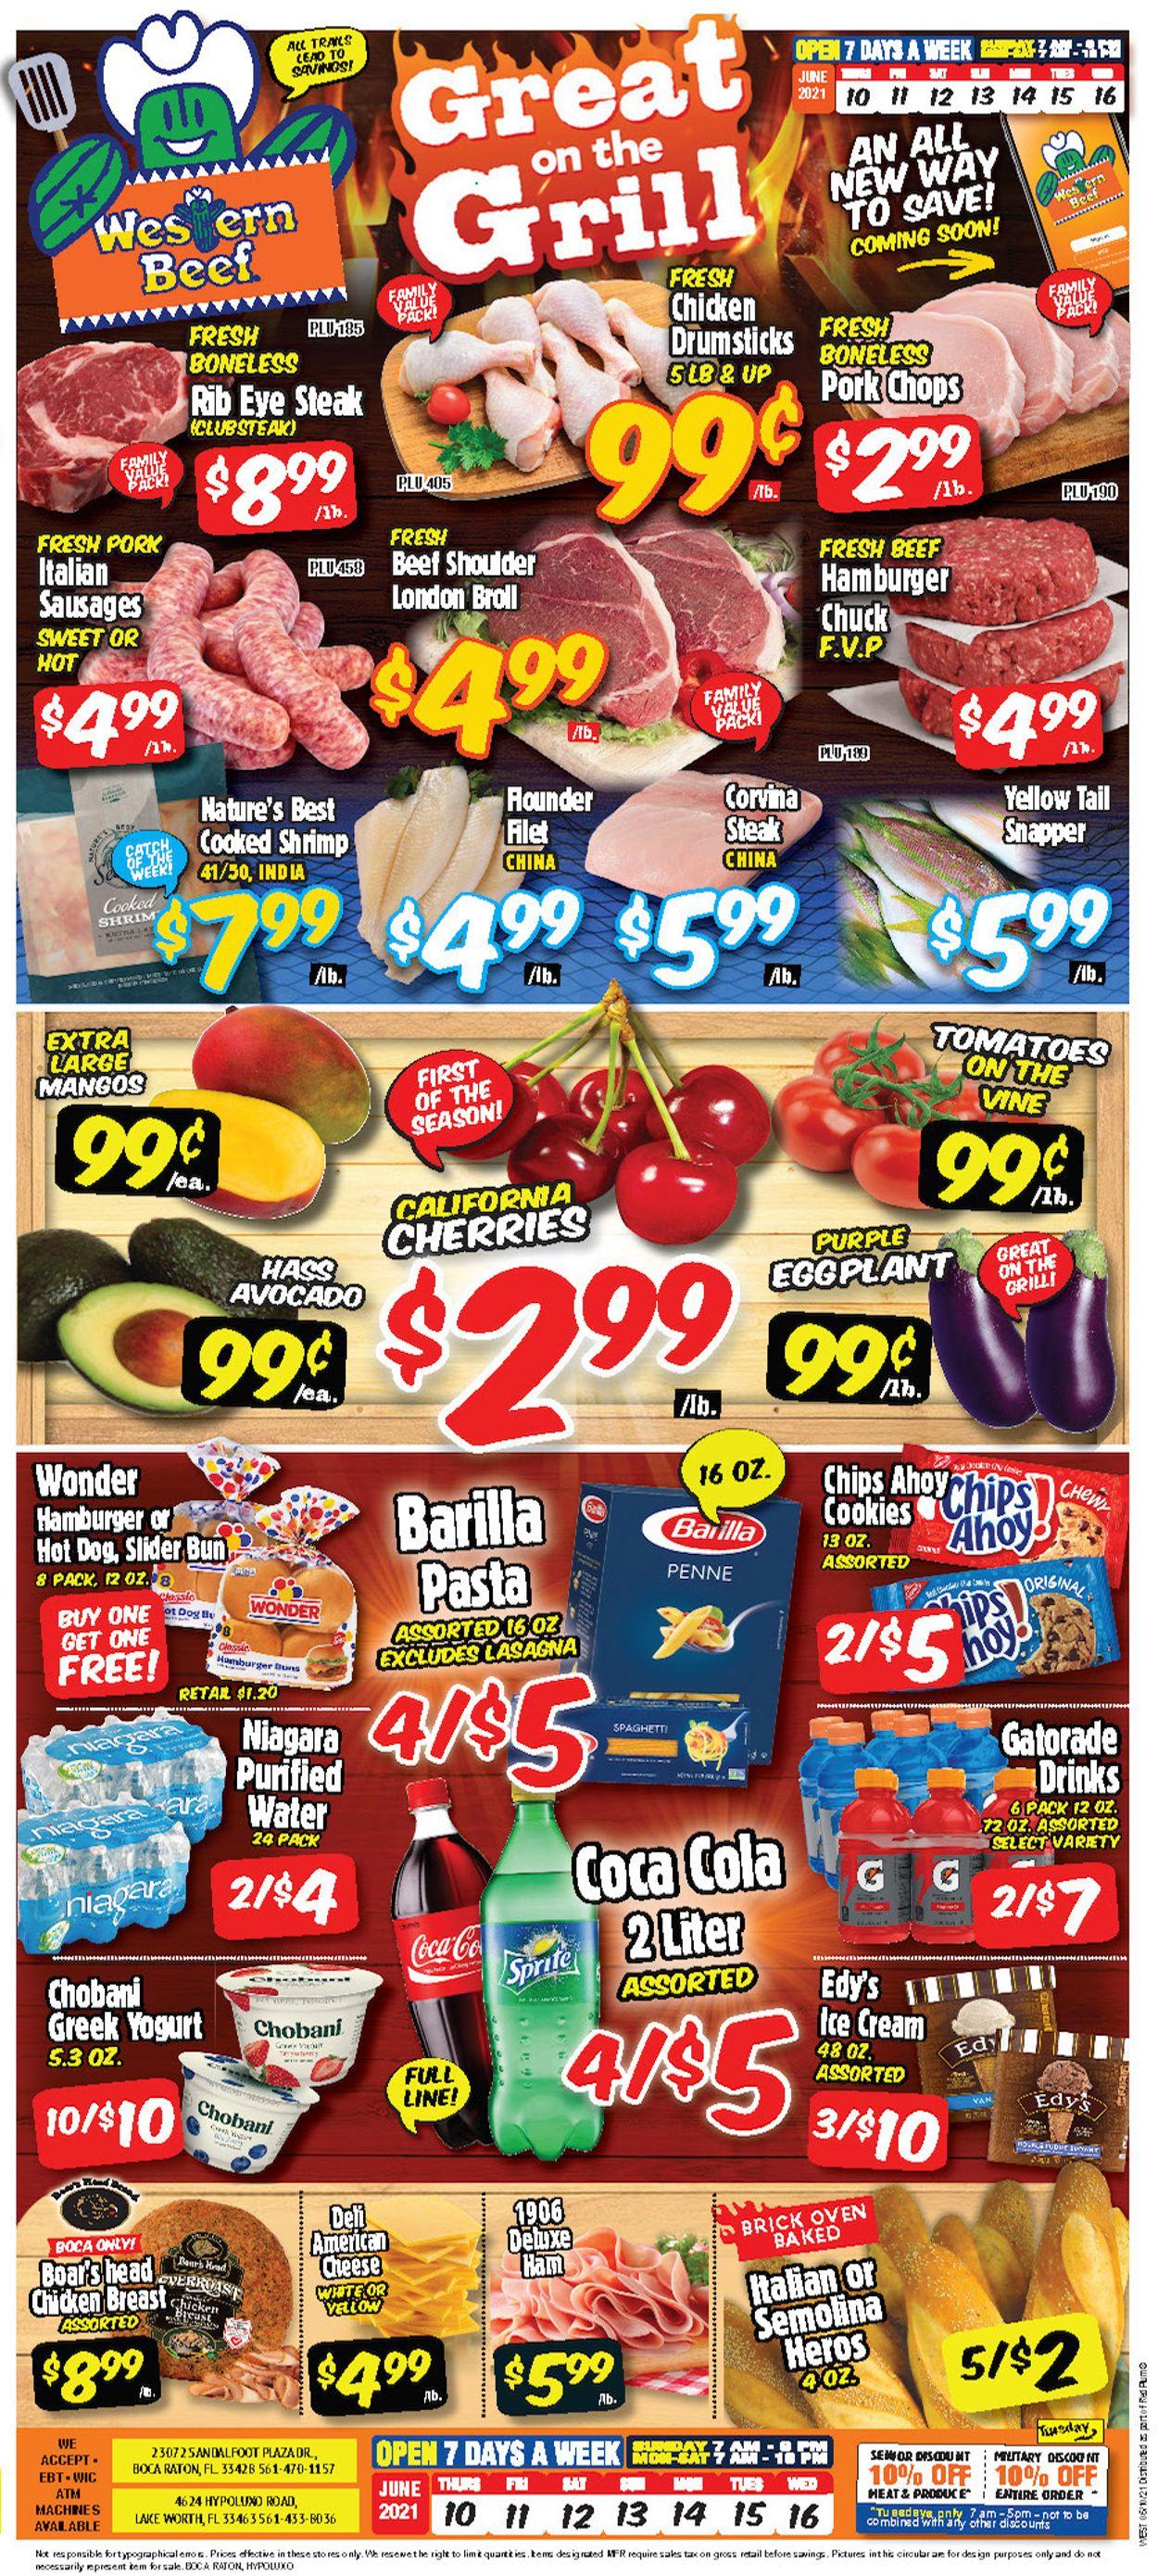 Western Beef Weekly Ad Circular - valid 06/10-06/16/2021